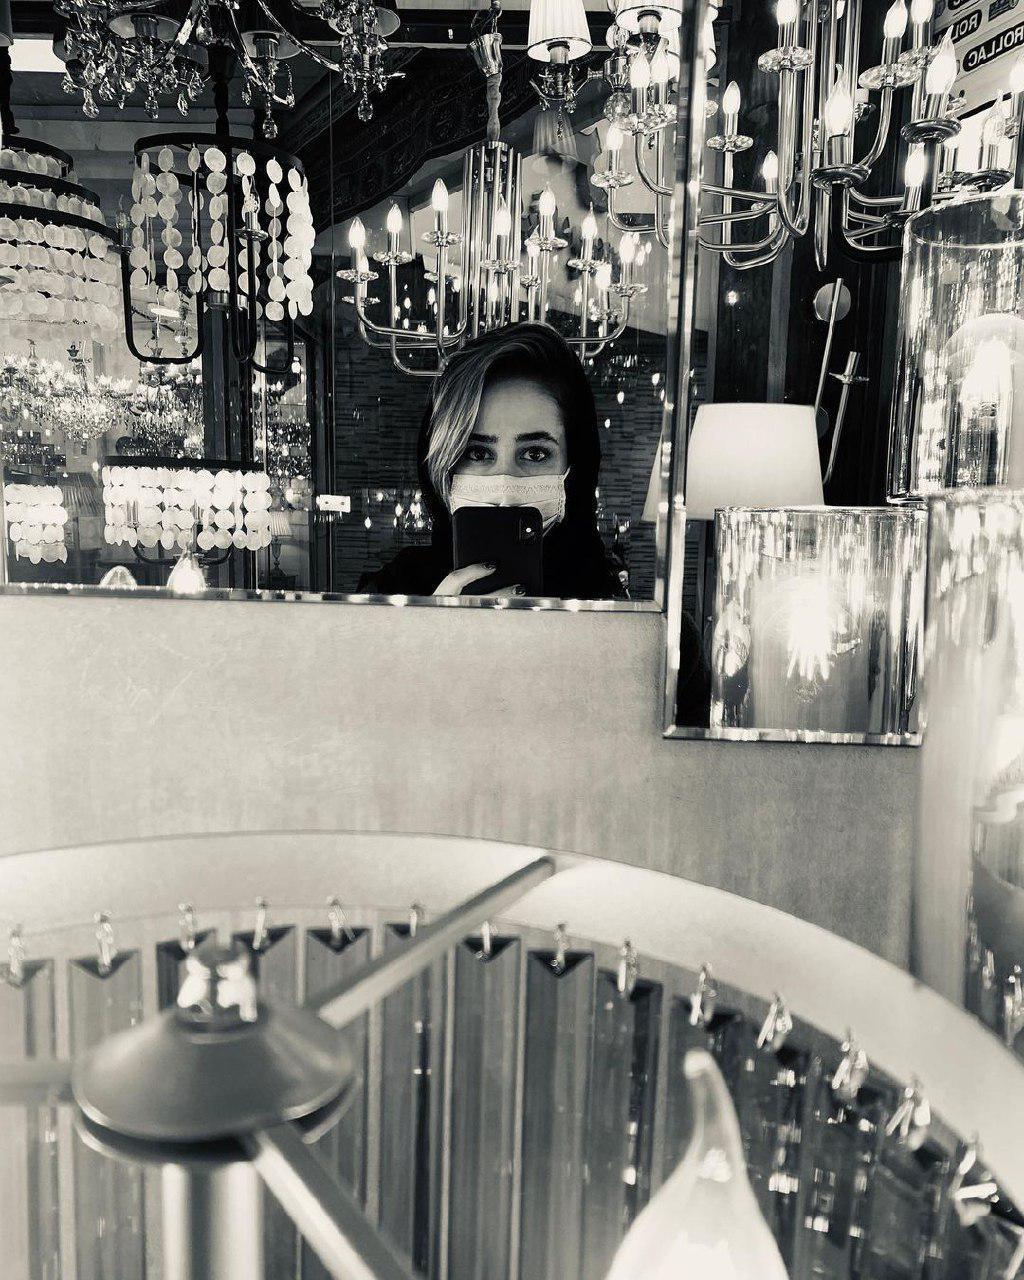 ماسک زدن به سبک «الناز حبیبی»   عکس